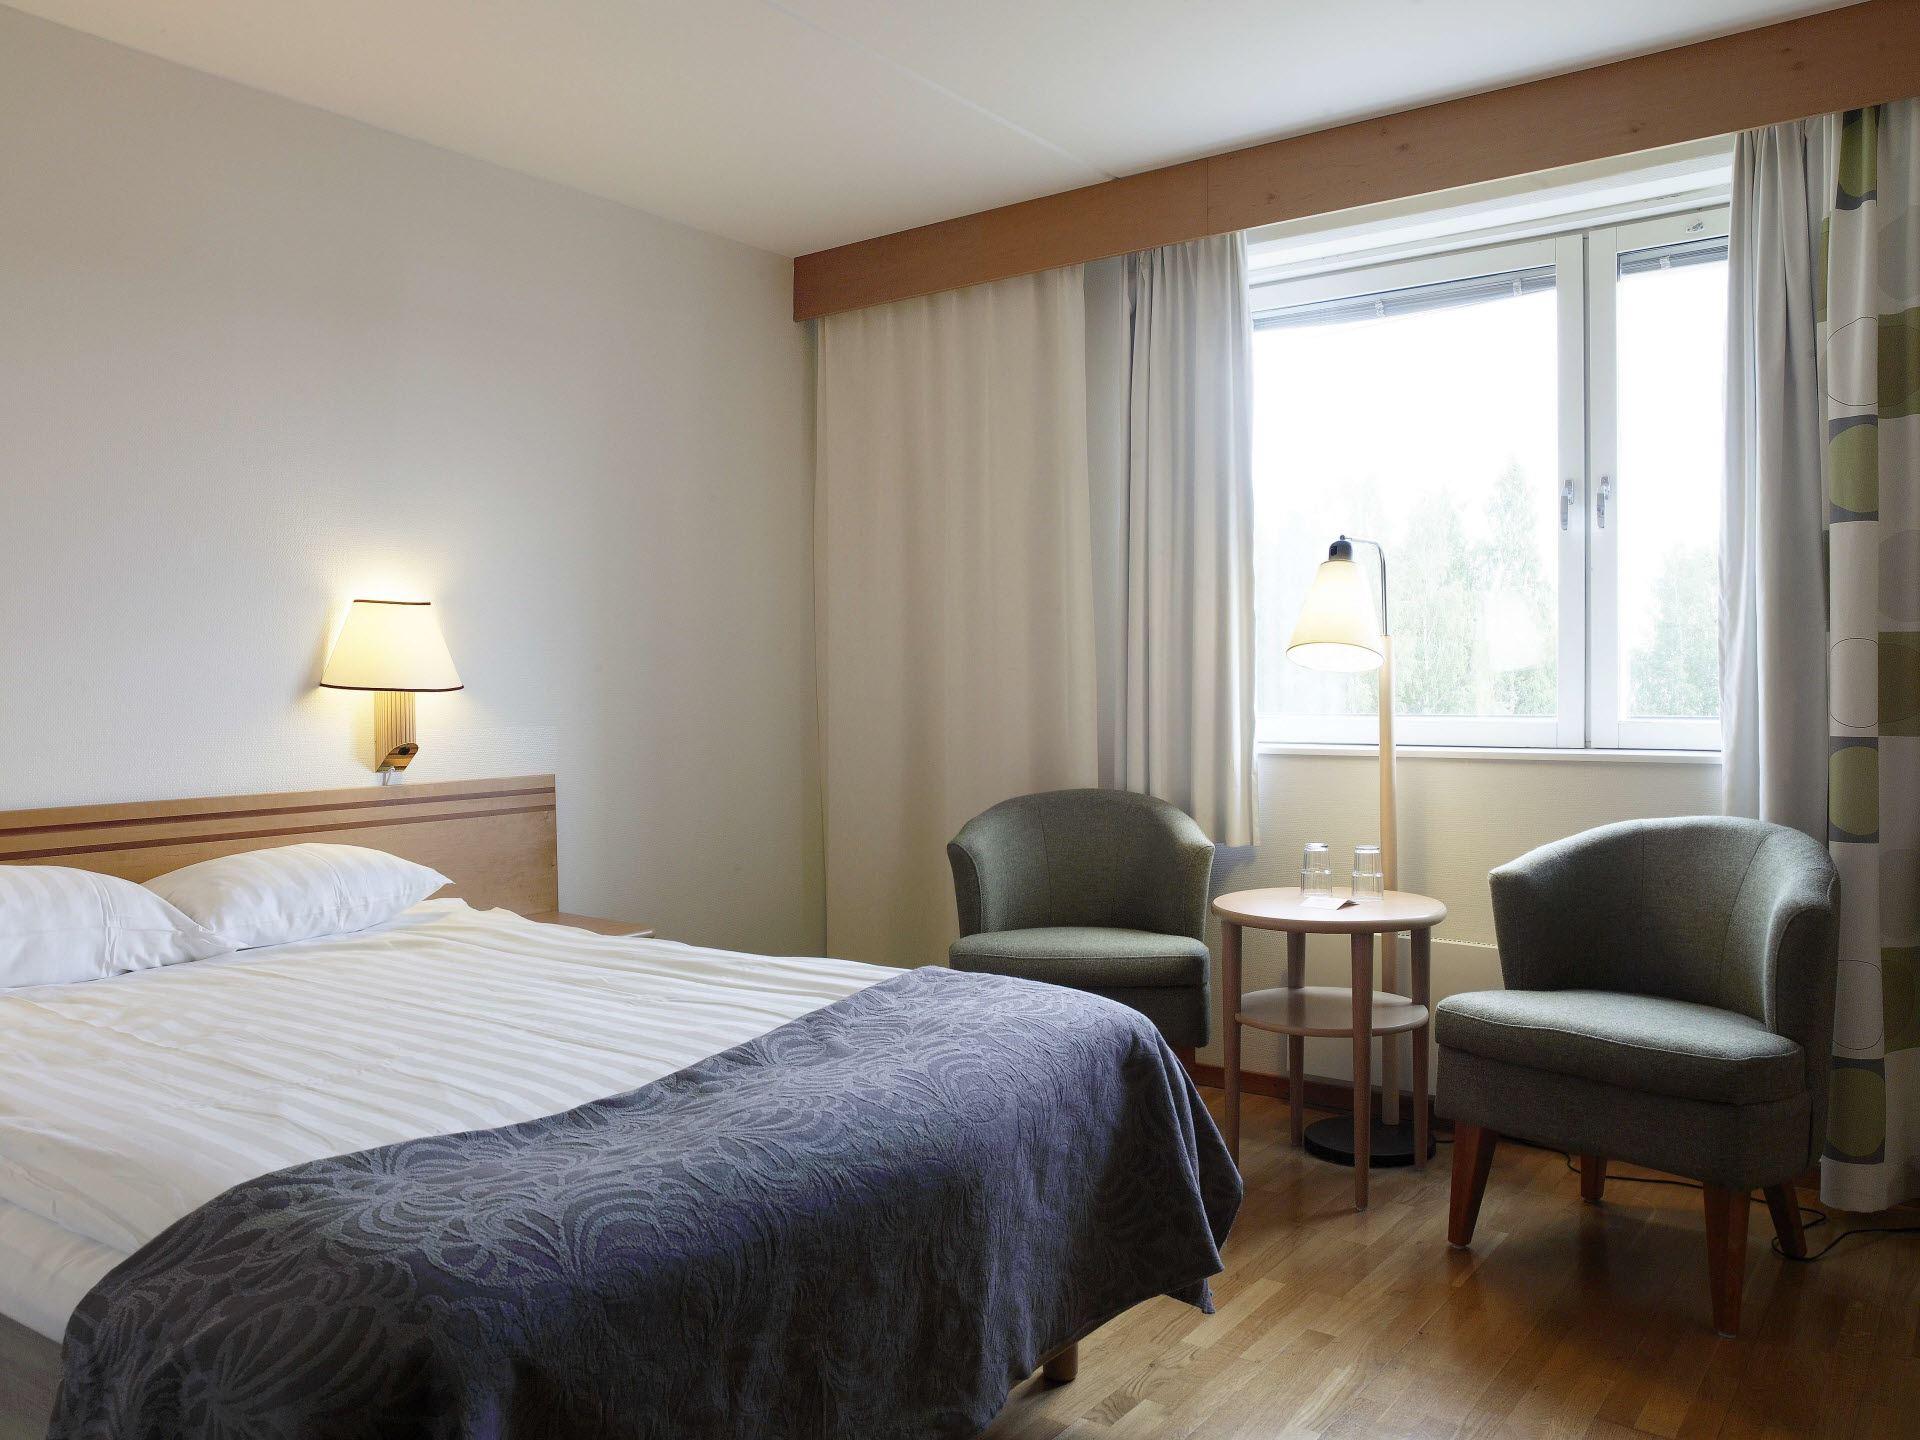 Scandic hotell Bollnäs Hälsingland